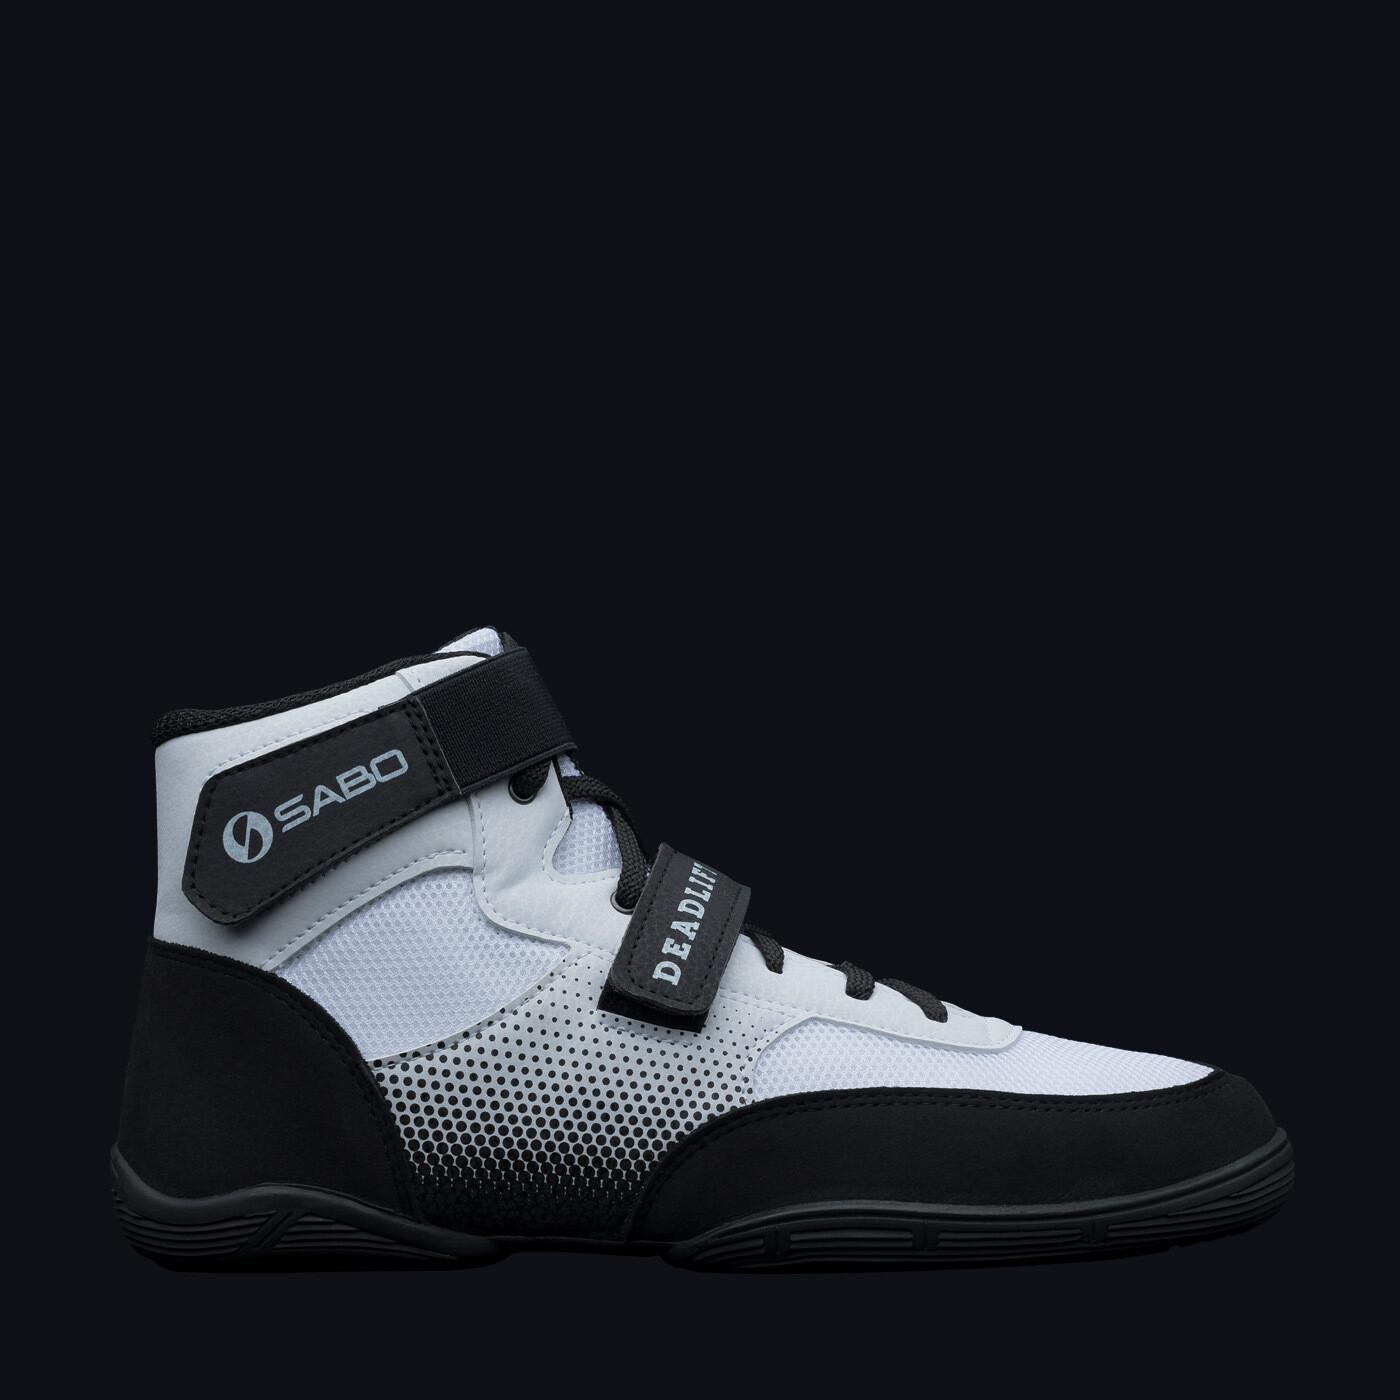 SABO DEADLIFT 1 WHITE powerlifting deadlift gym shoes